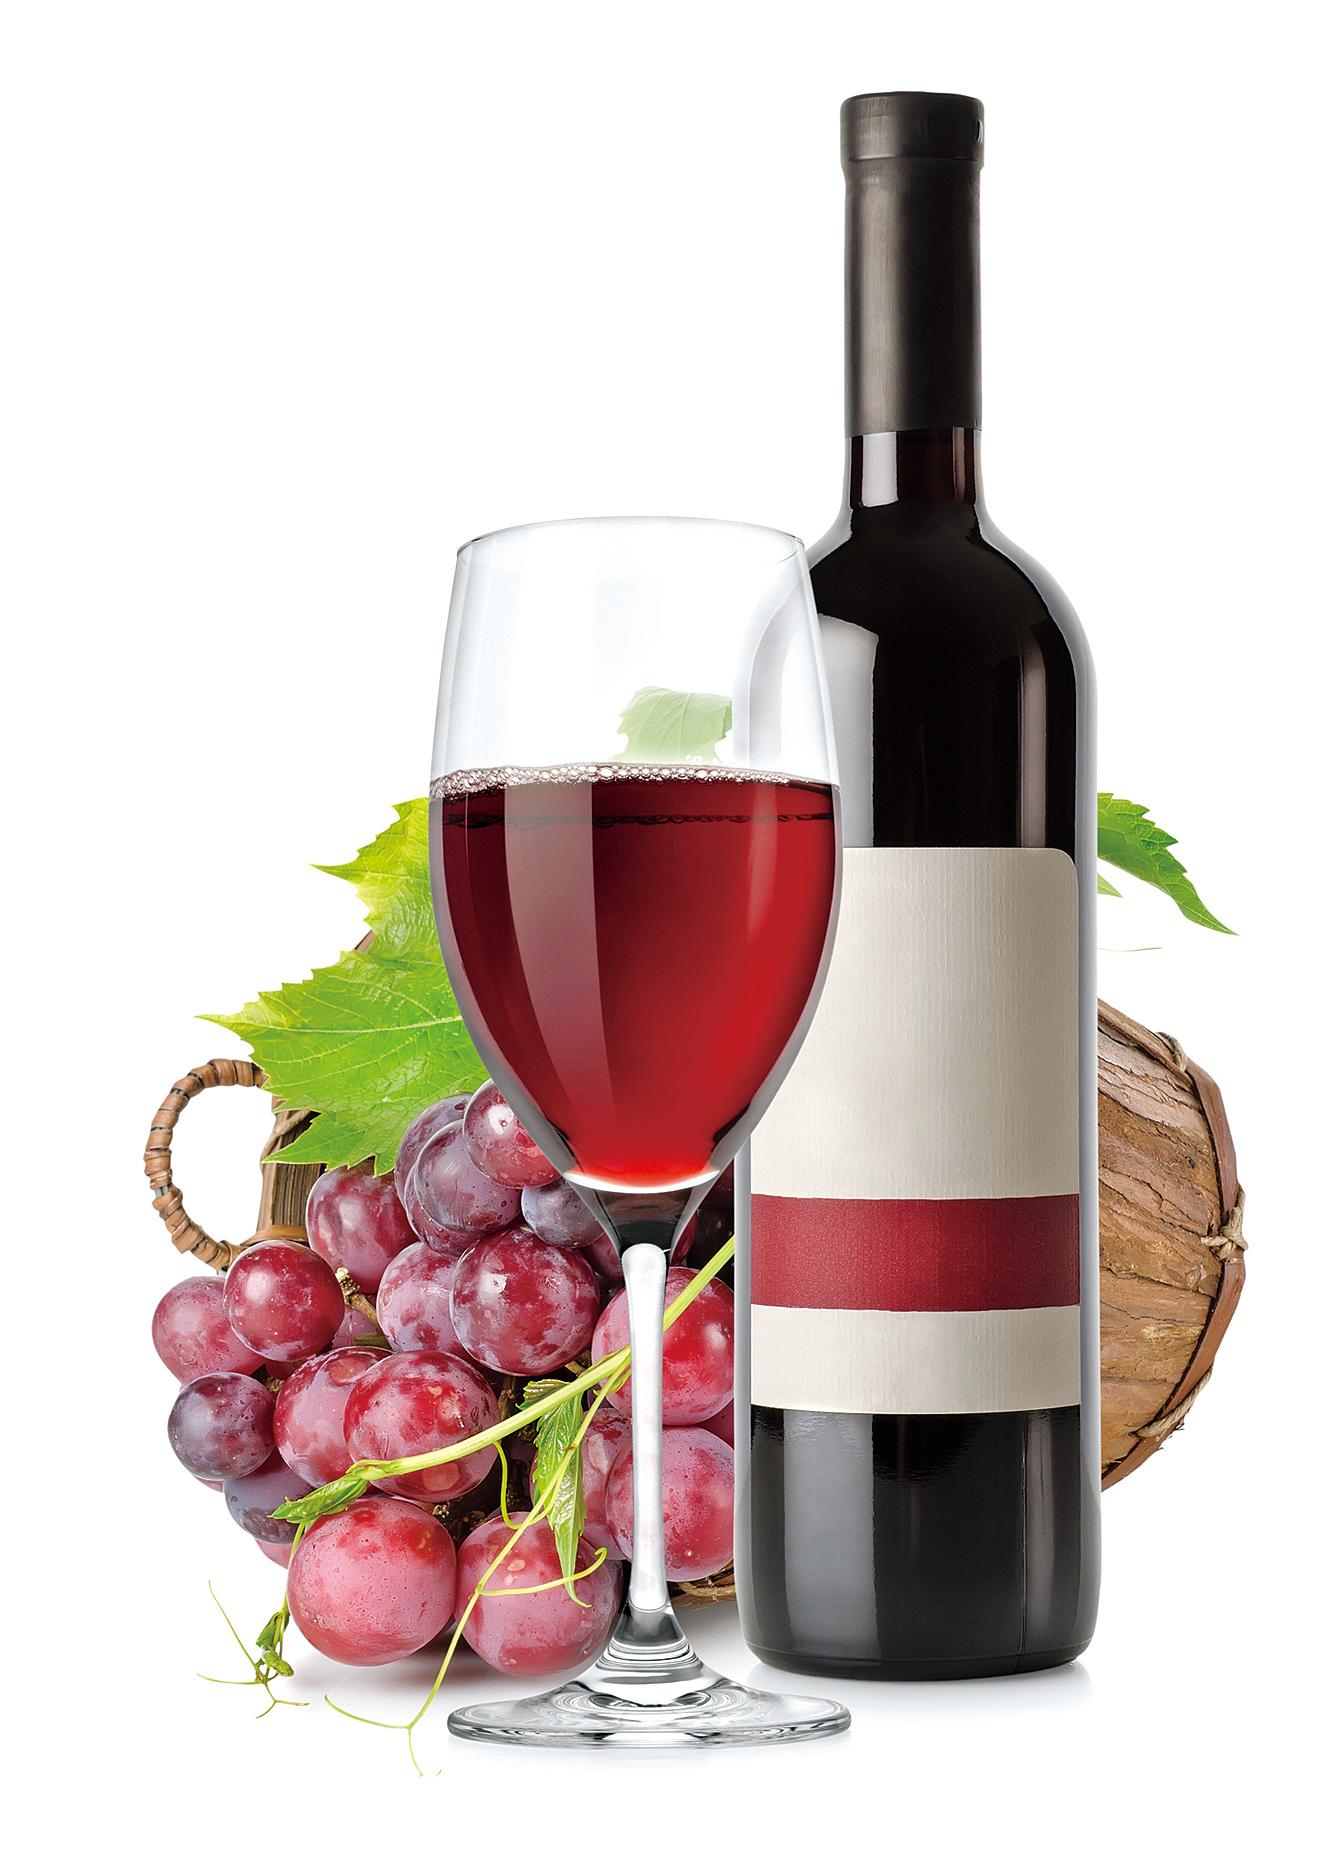 Township 7 Winery 穩操勝券